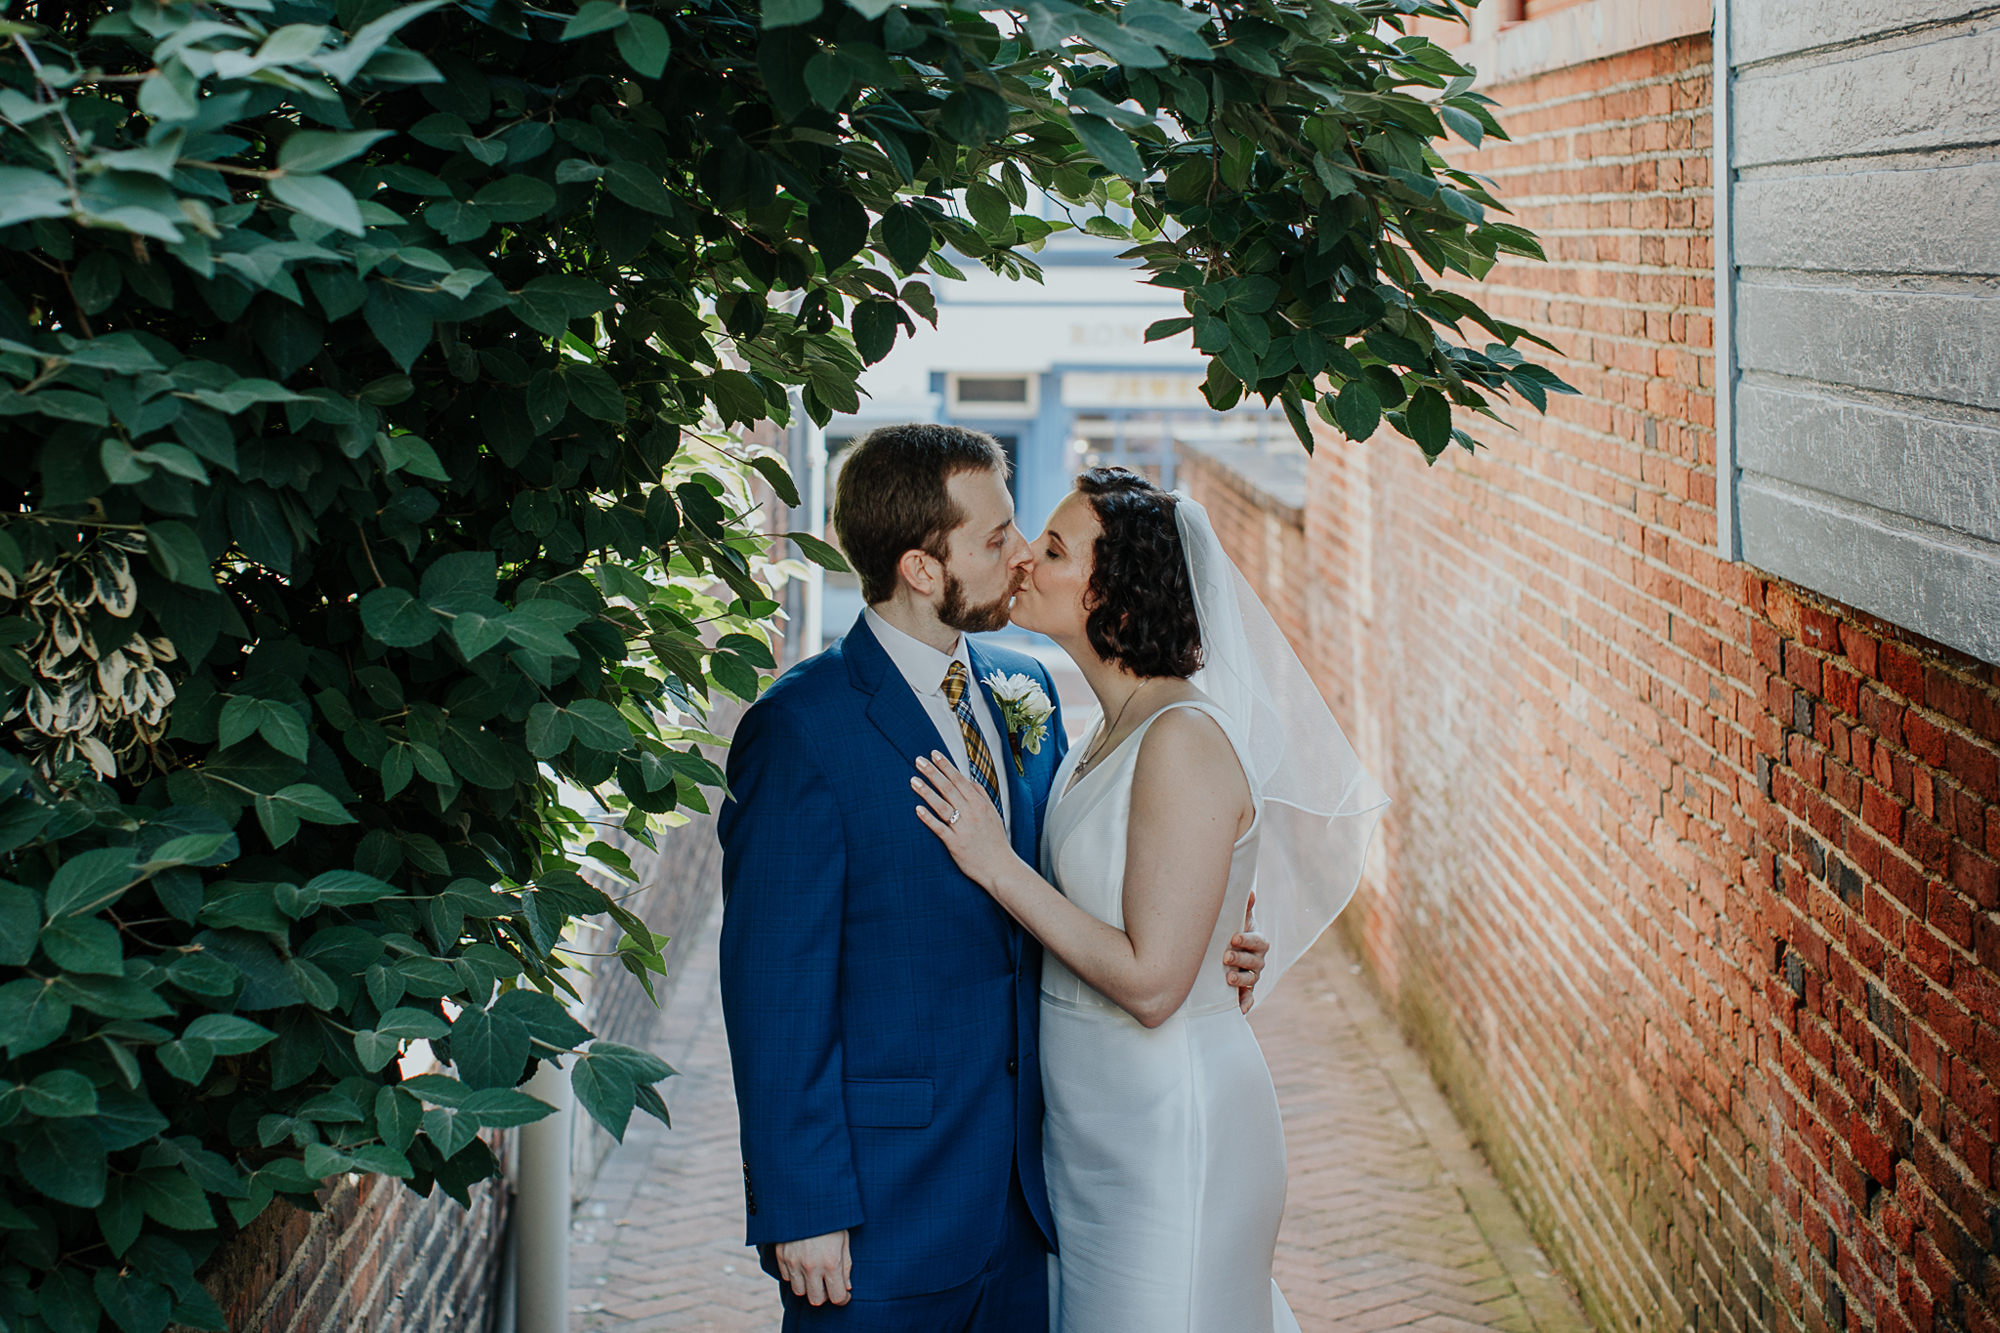 068-annapolis_courthouse_wedding.jpg